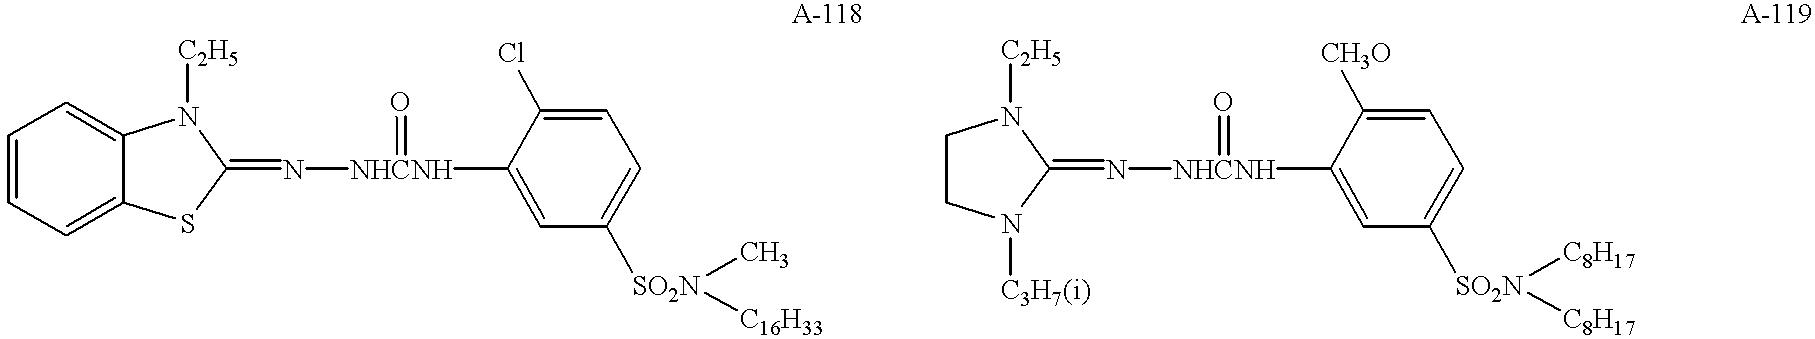 Figure US06200738-20010313-C00011